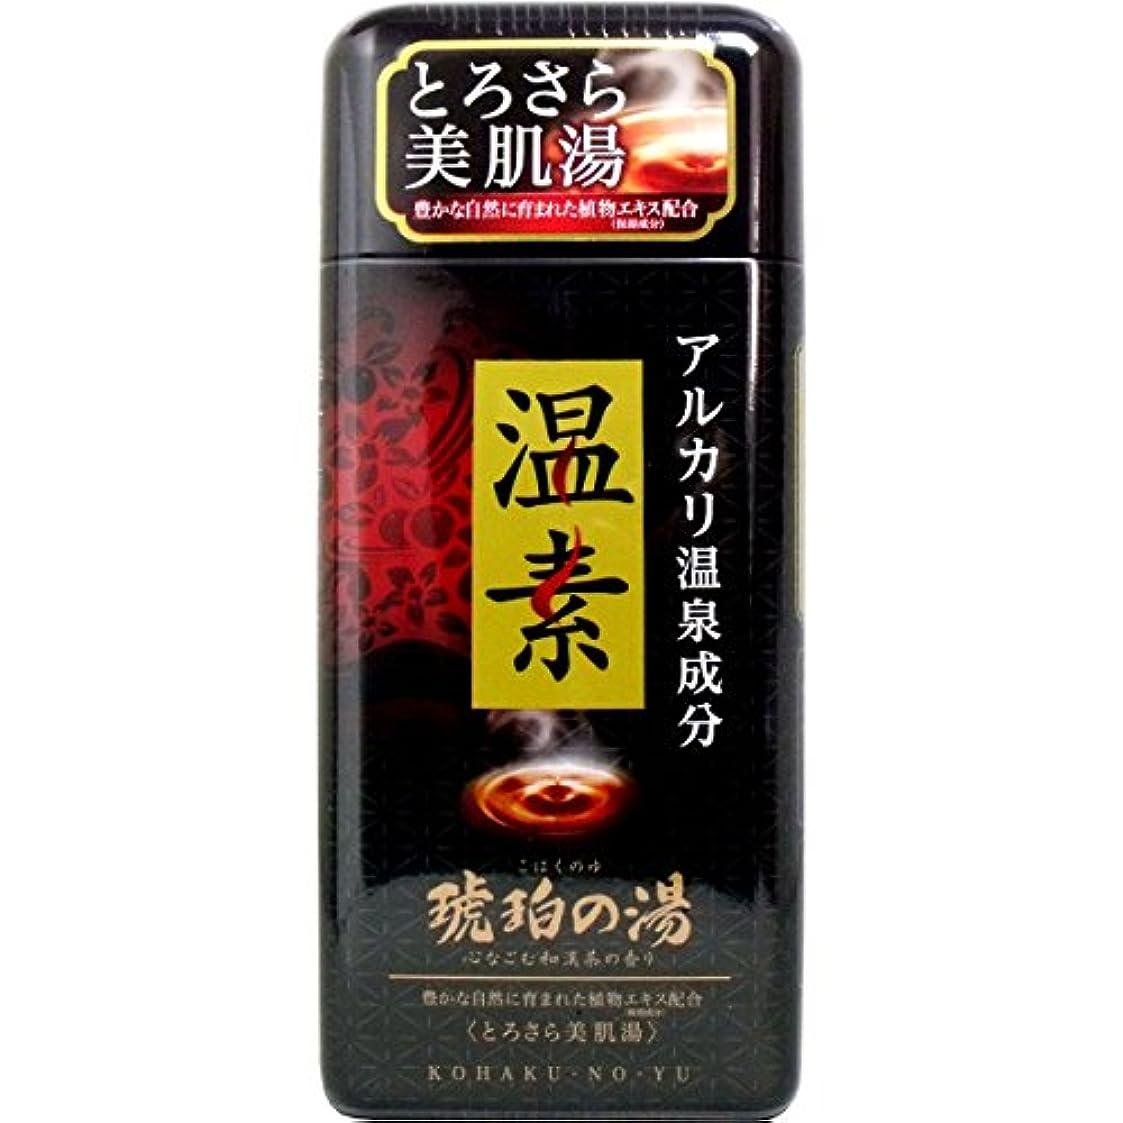 ラフ睡眠順番入口温素 琥珀の湯 × 10個セット